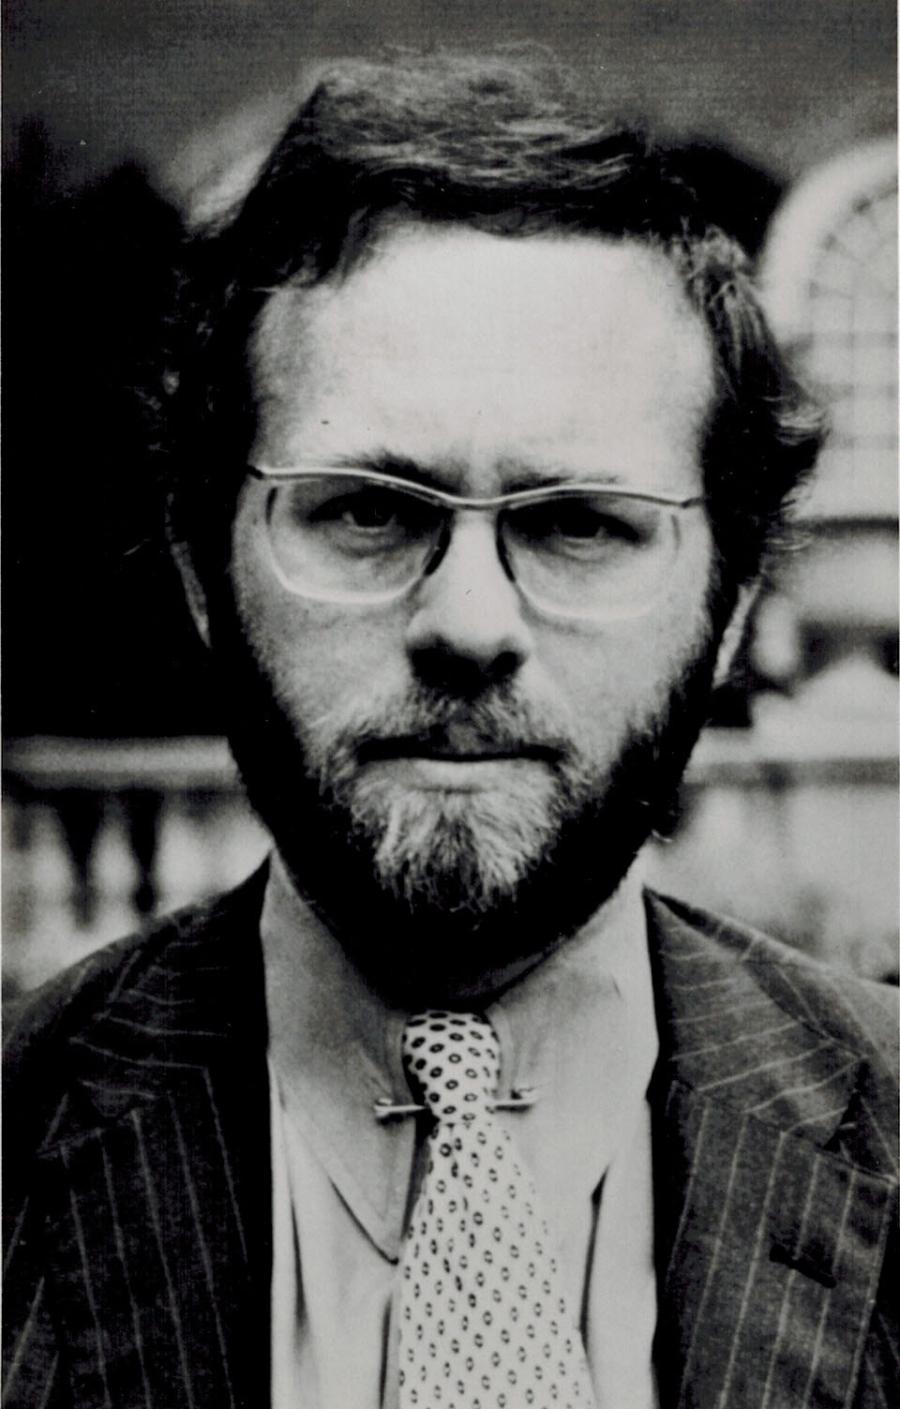 kevin-starr-allston-burr-senior-tutor-eliot-house-harvard-university-1972_